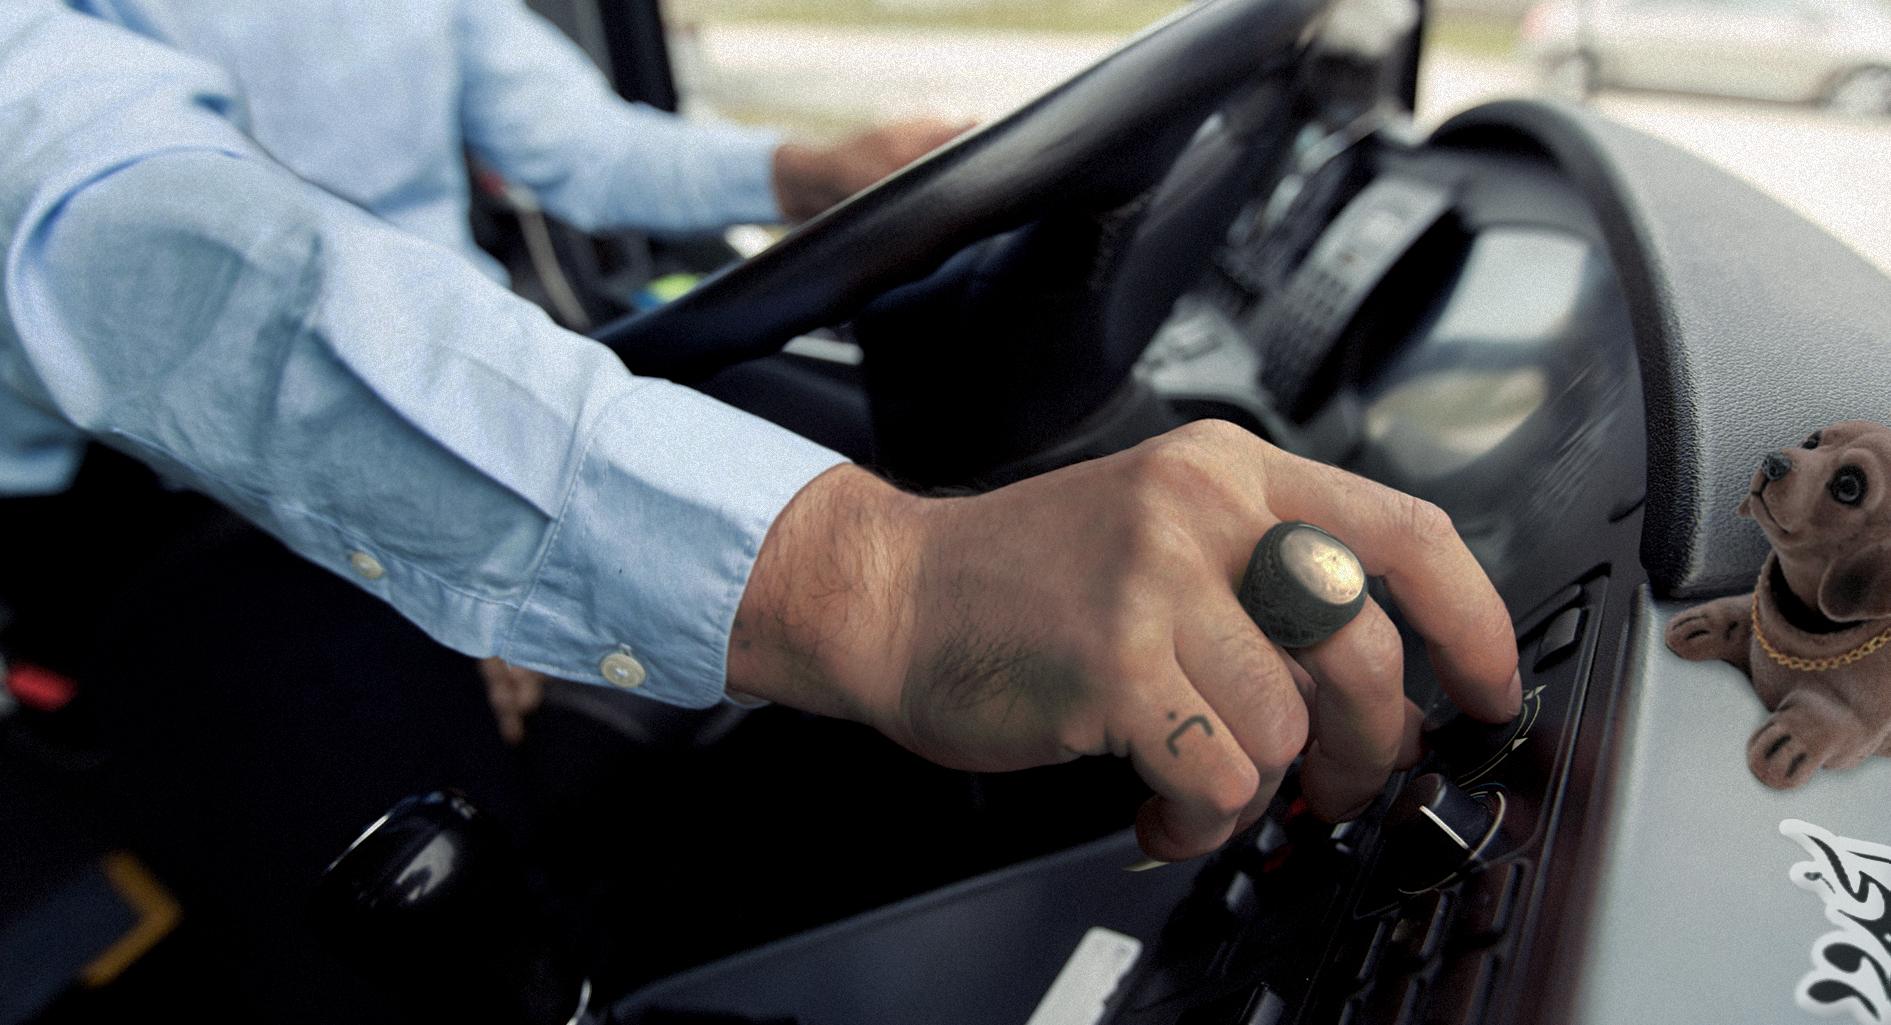 صورة سائق حافلة مُتهوّر يعرِّض الركاب لبرنامج إذاعي صباحي